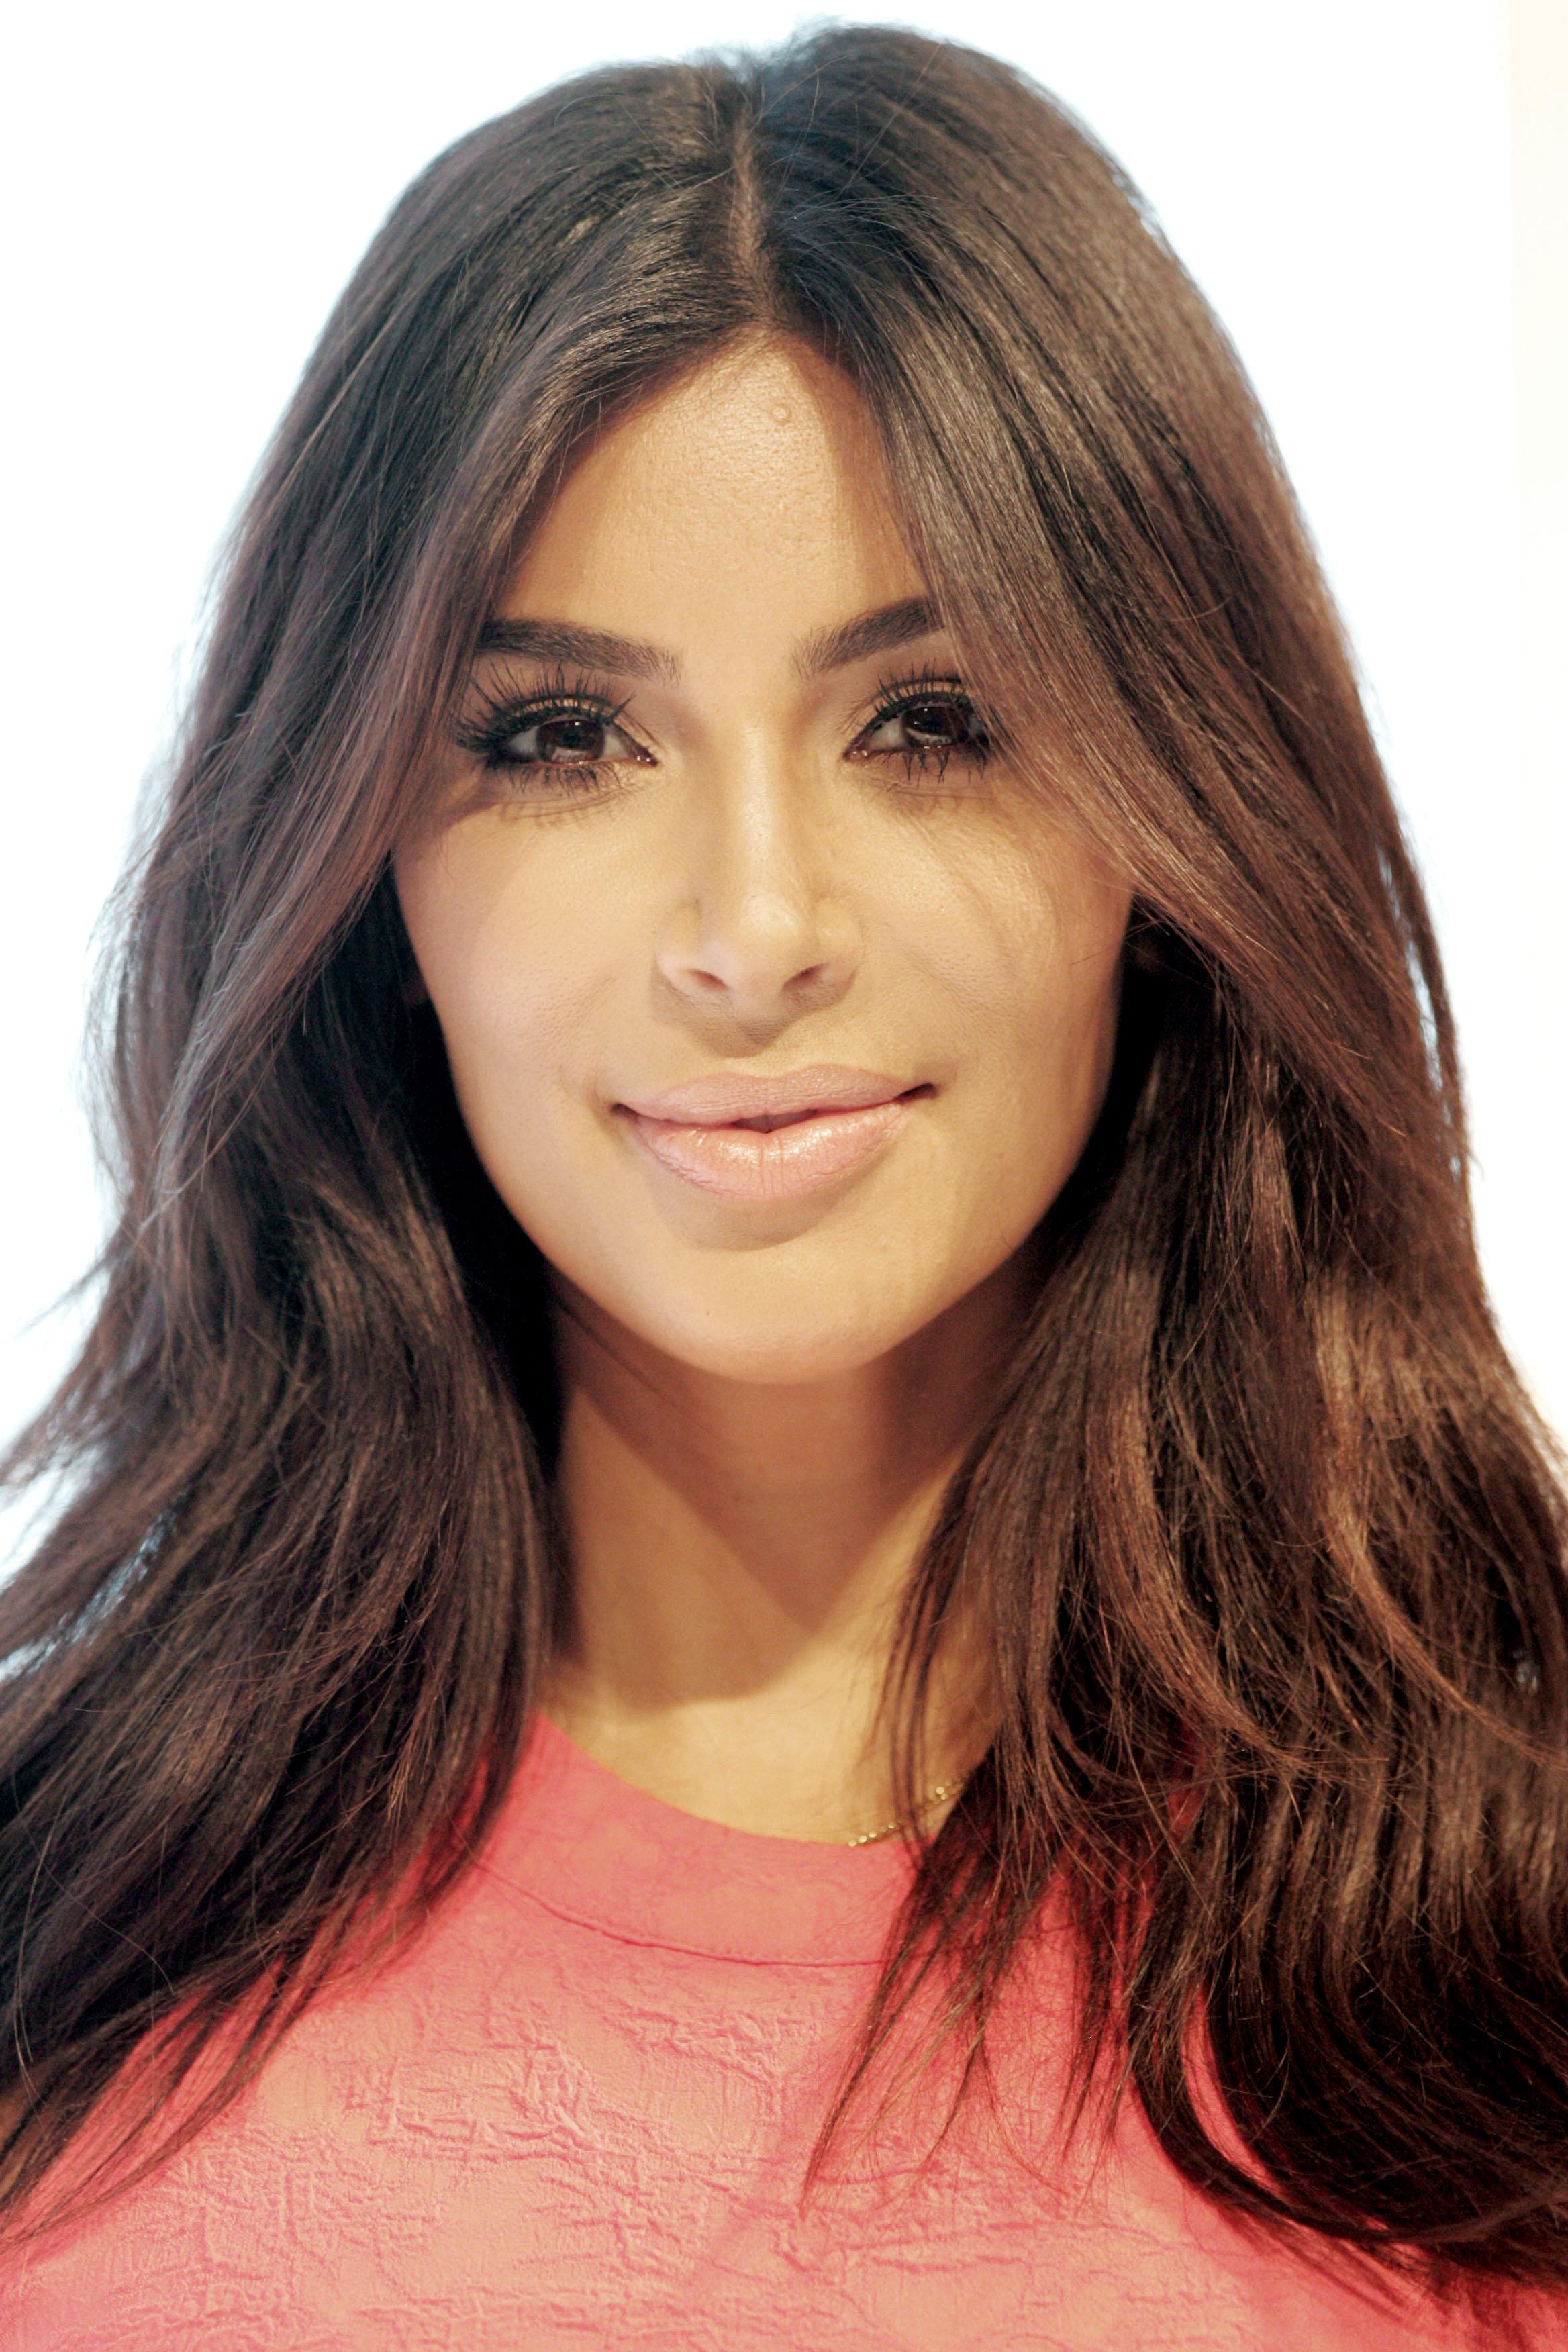 Kim Kardashian piange per le critiche online sul suo fondoschiena pieno di cellulite